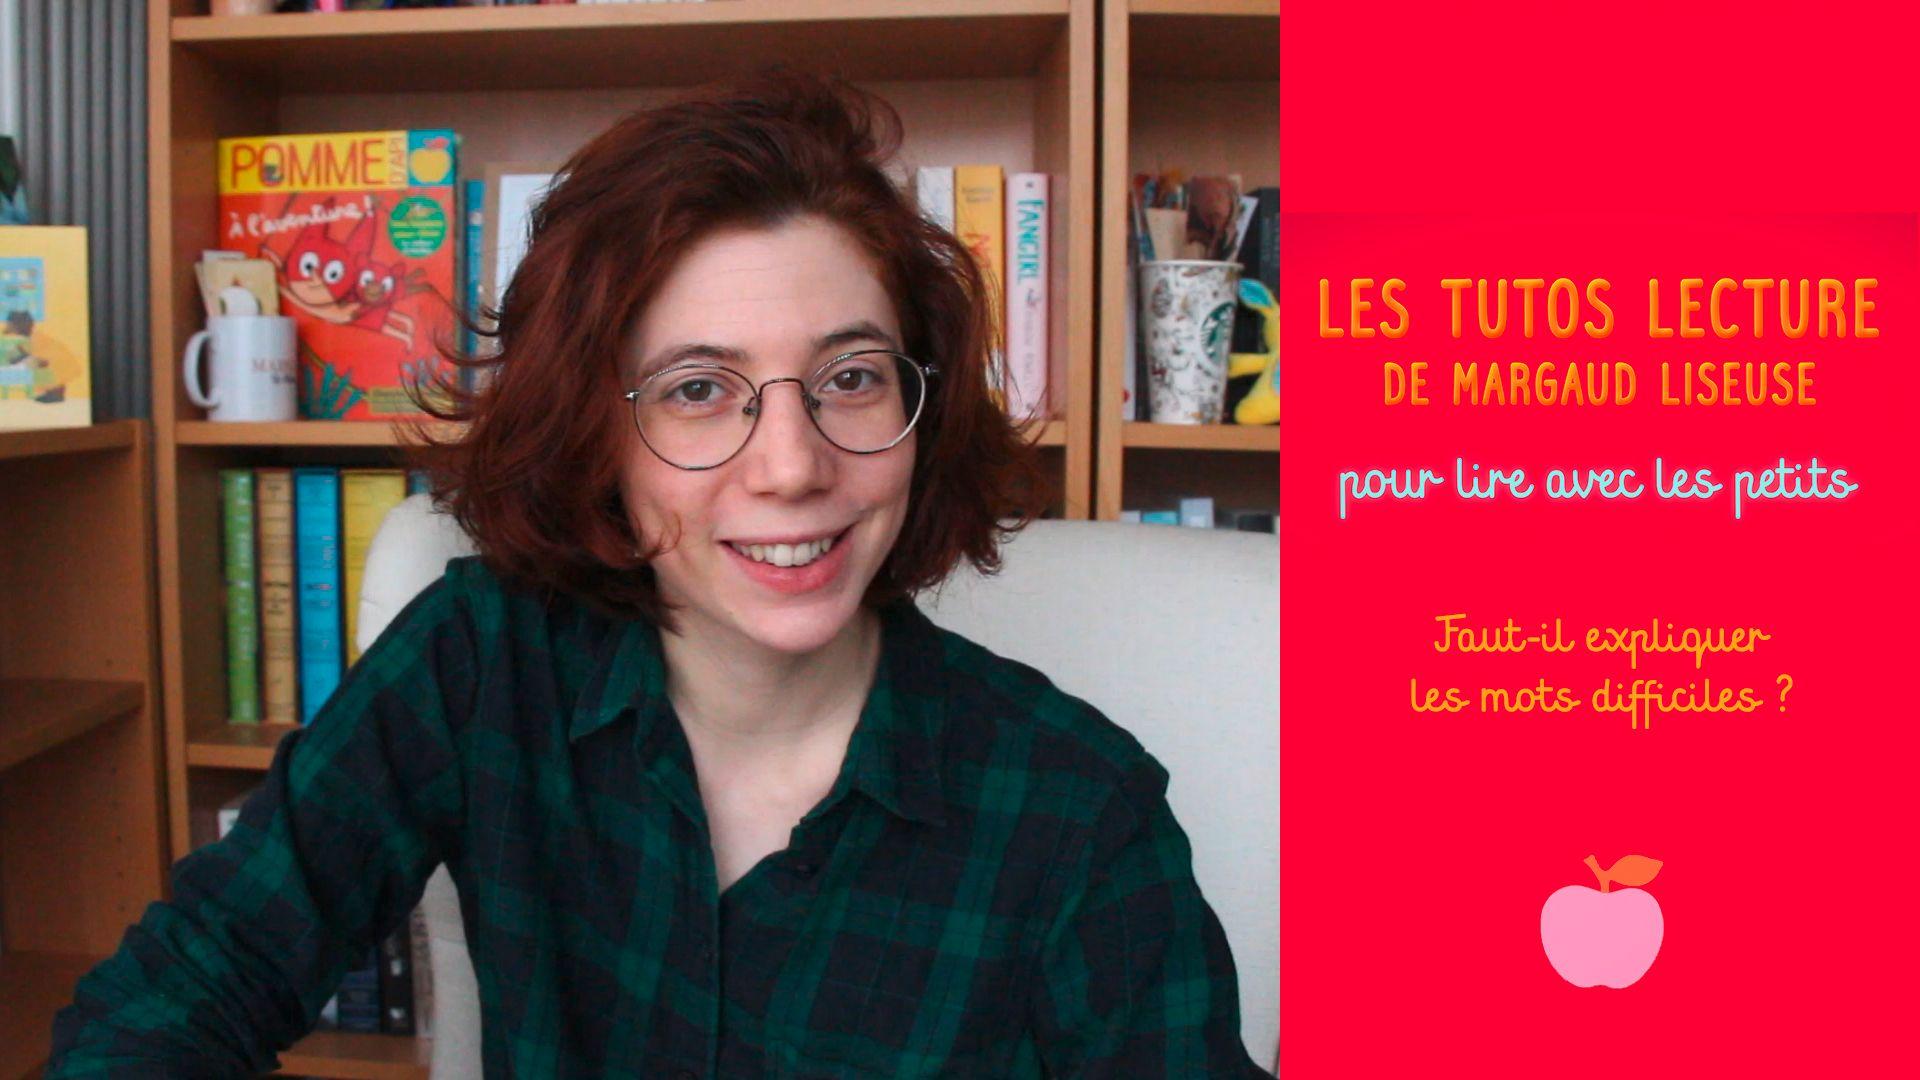 Tutos lecture de Margaud Liseuse : Faut-il expliquer les mots difficiles dans les livres pour enfants?